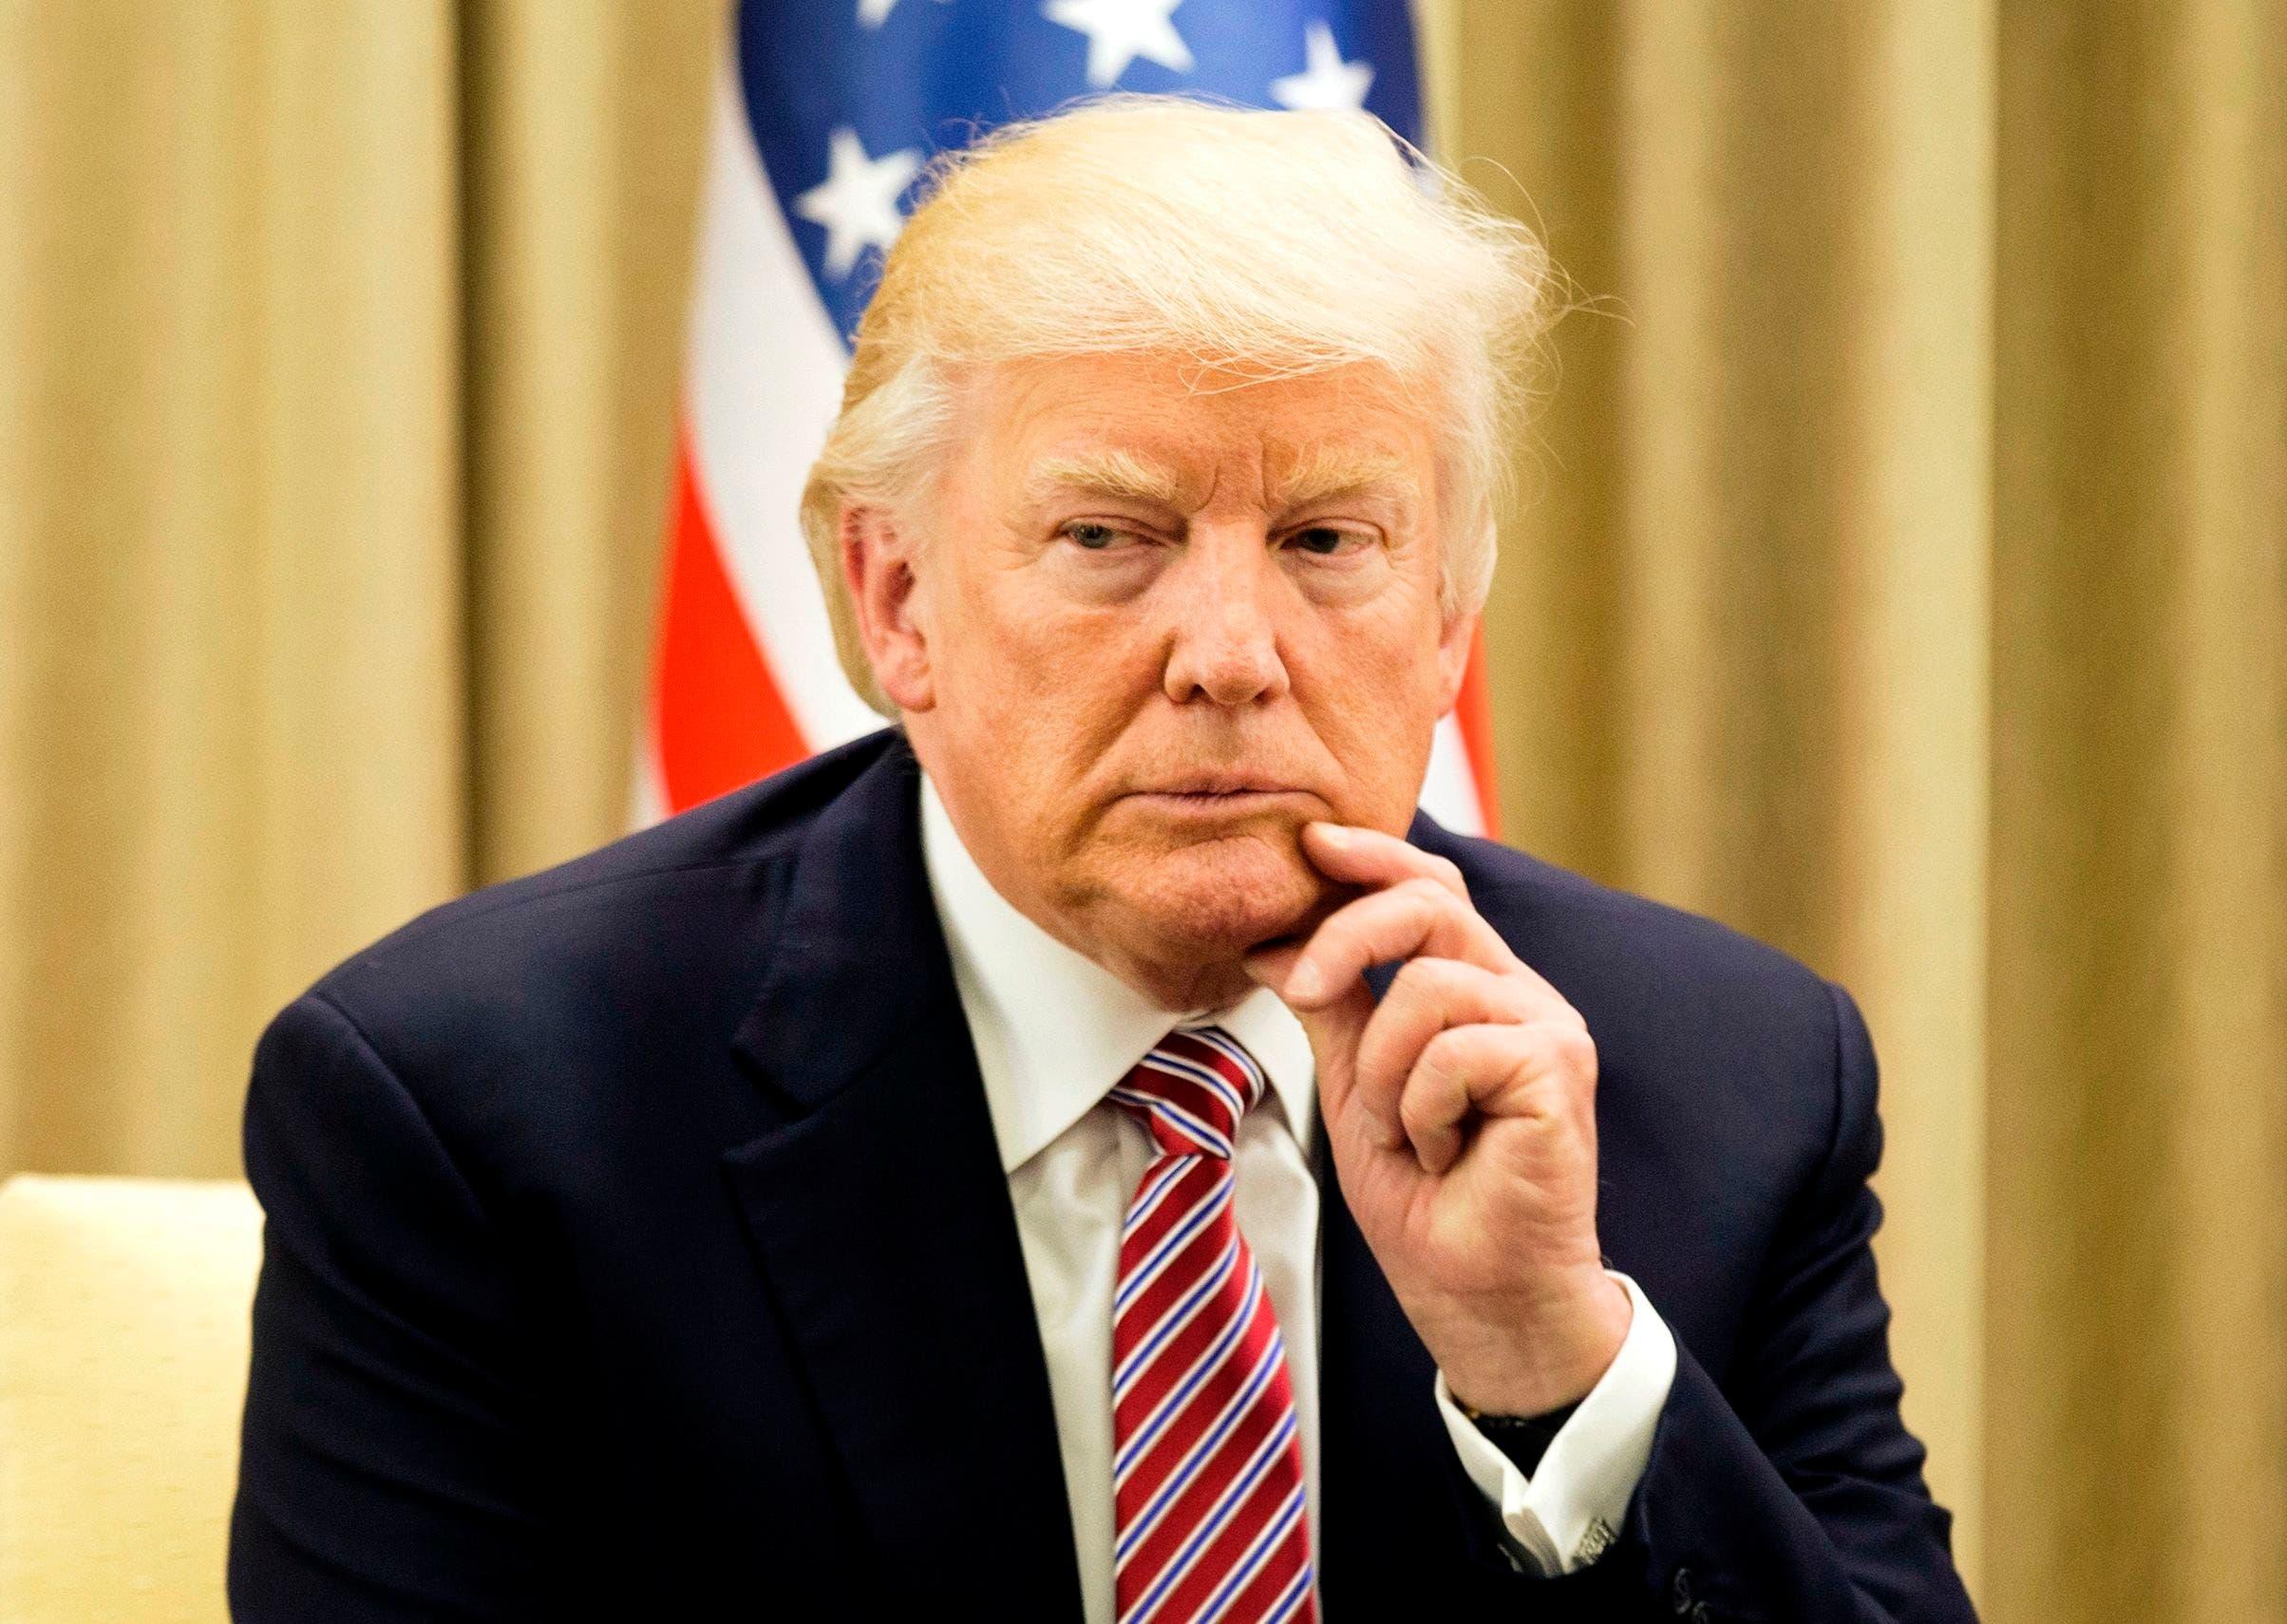 Reforma sanitaria de Trump dejaría 23 millones de personas sin cobertura